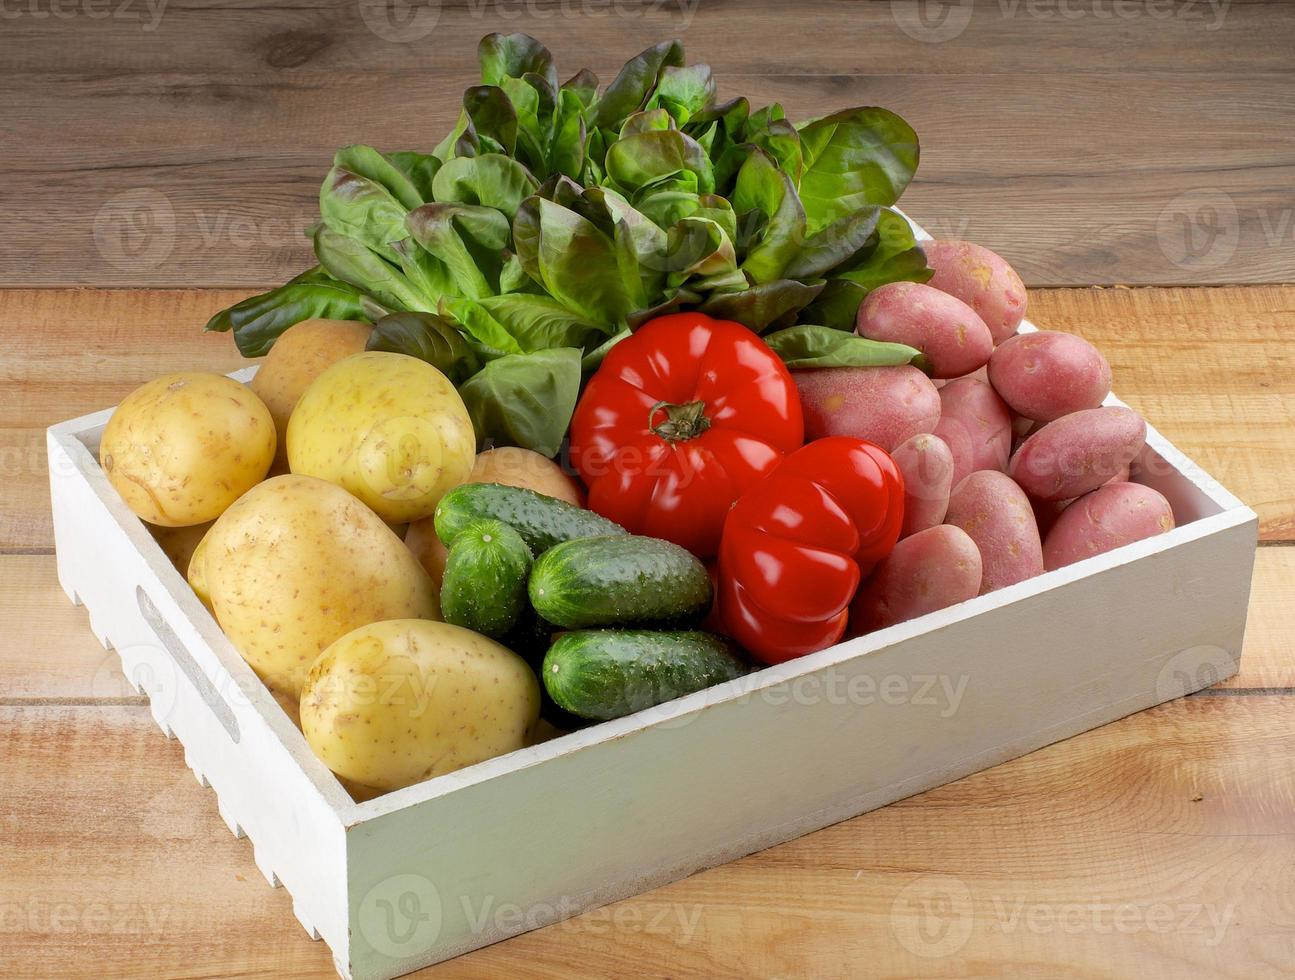 caixa com legumes foto